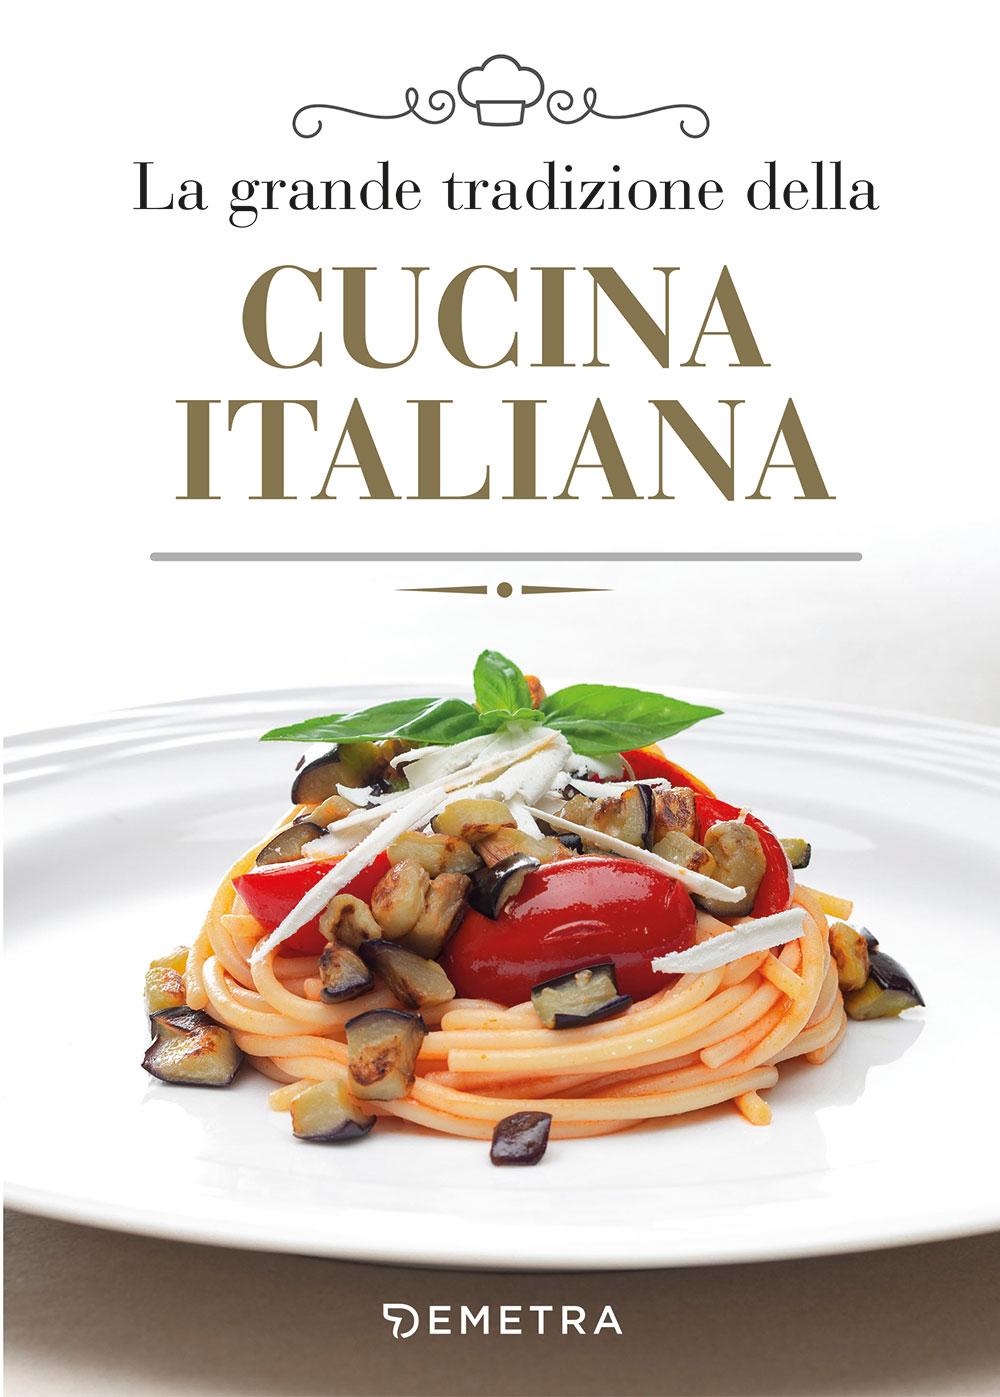 La grande tradizione della cucina italiana